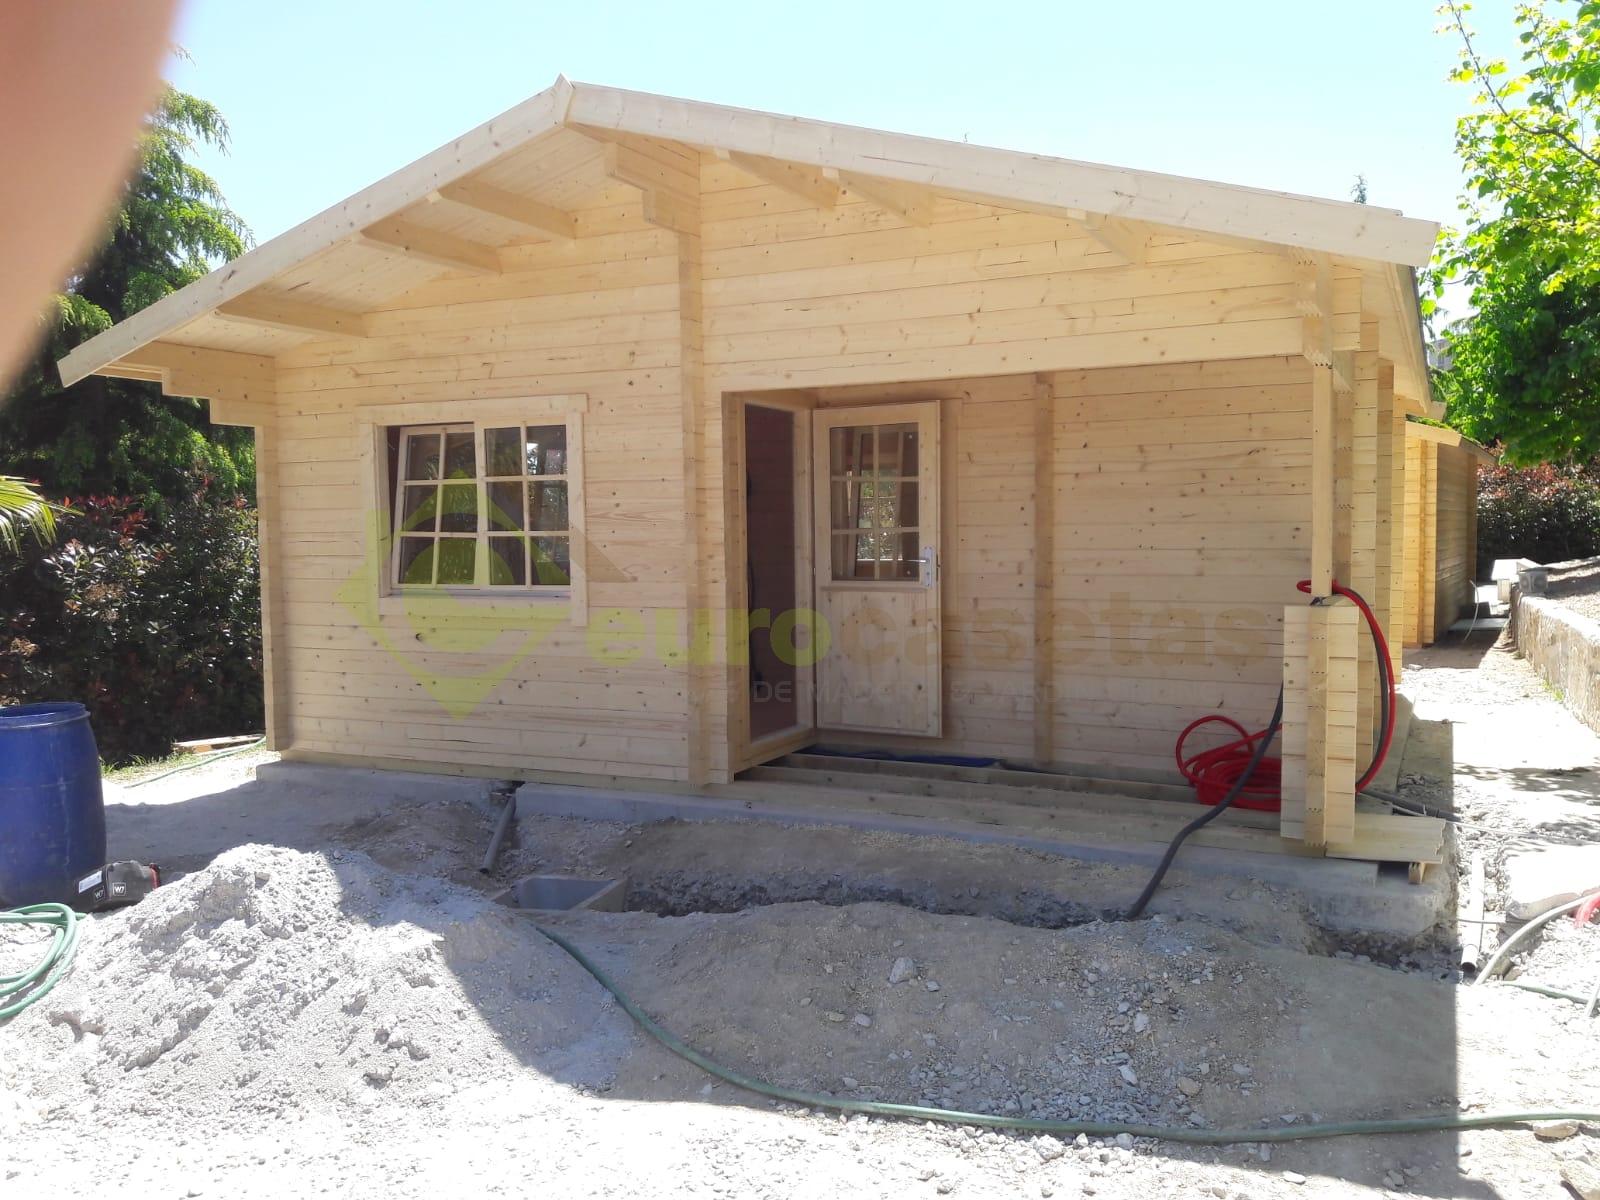 Casa de madera FAY A, 70mm — en Penafiel, Portugal